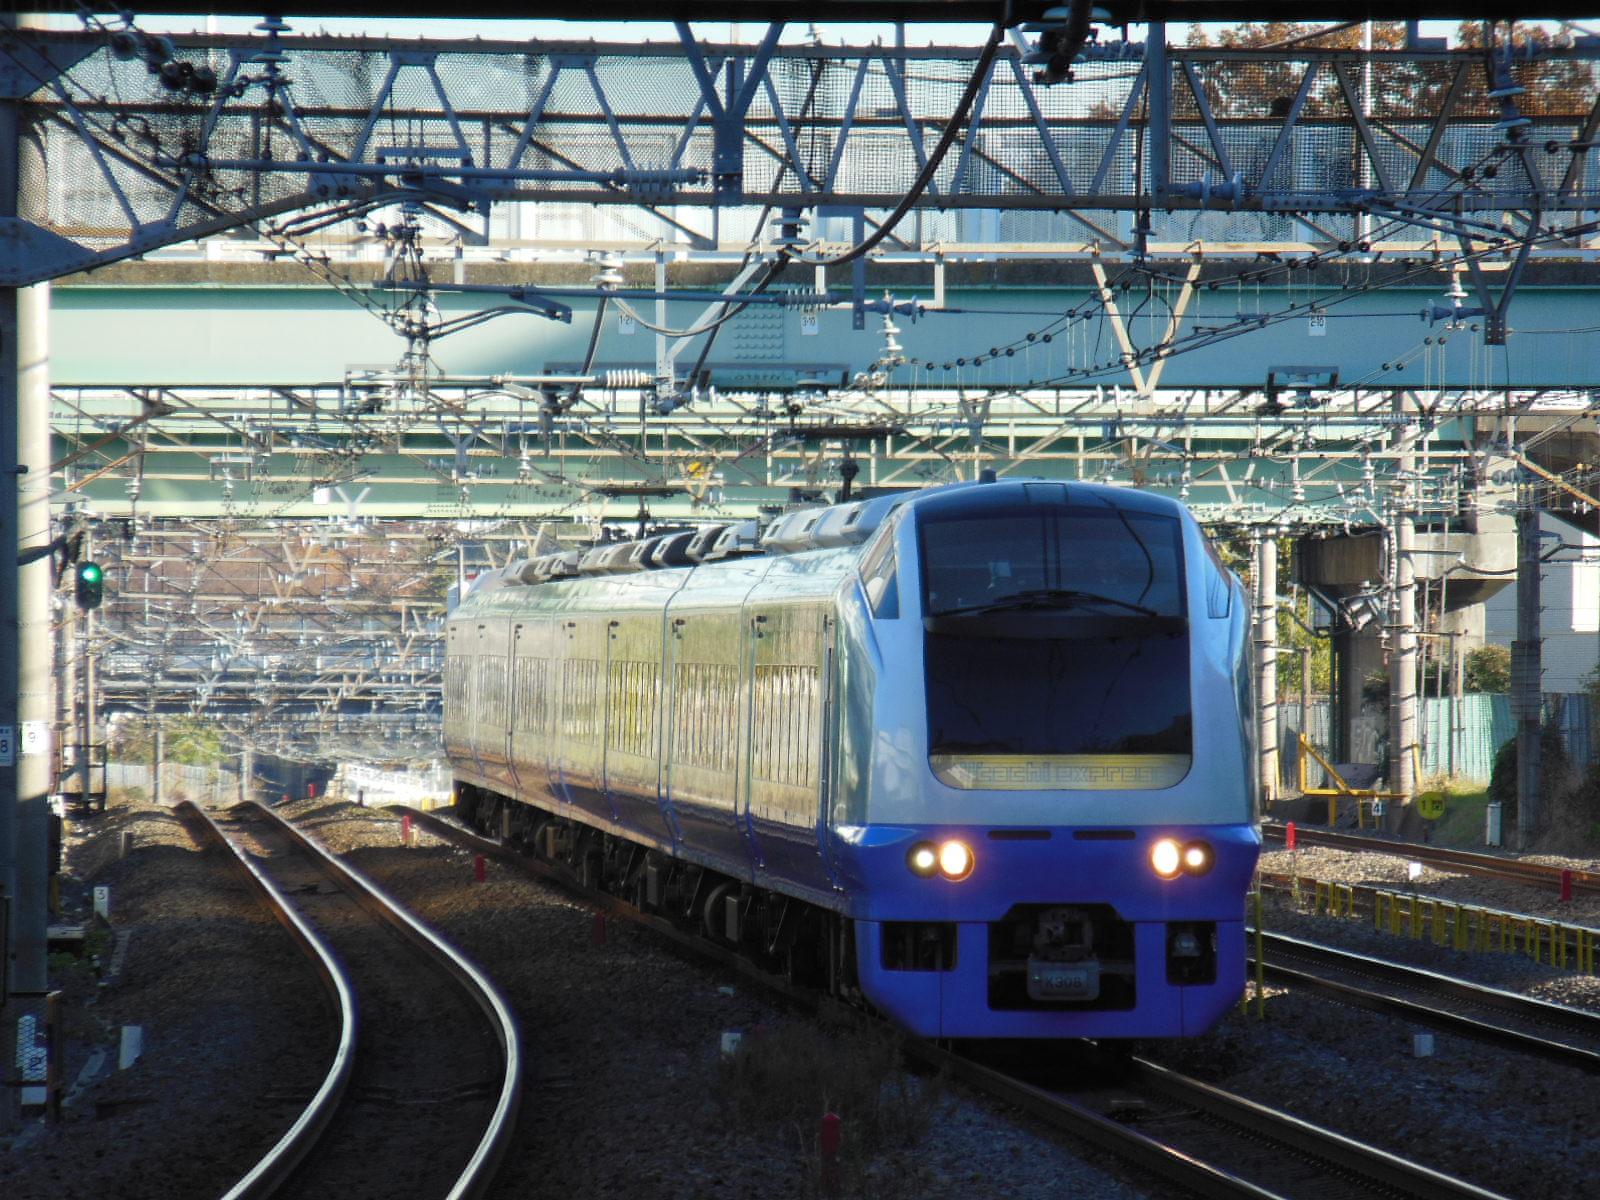 DSCN6157.jpg